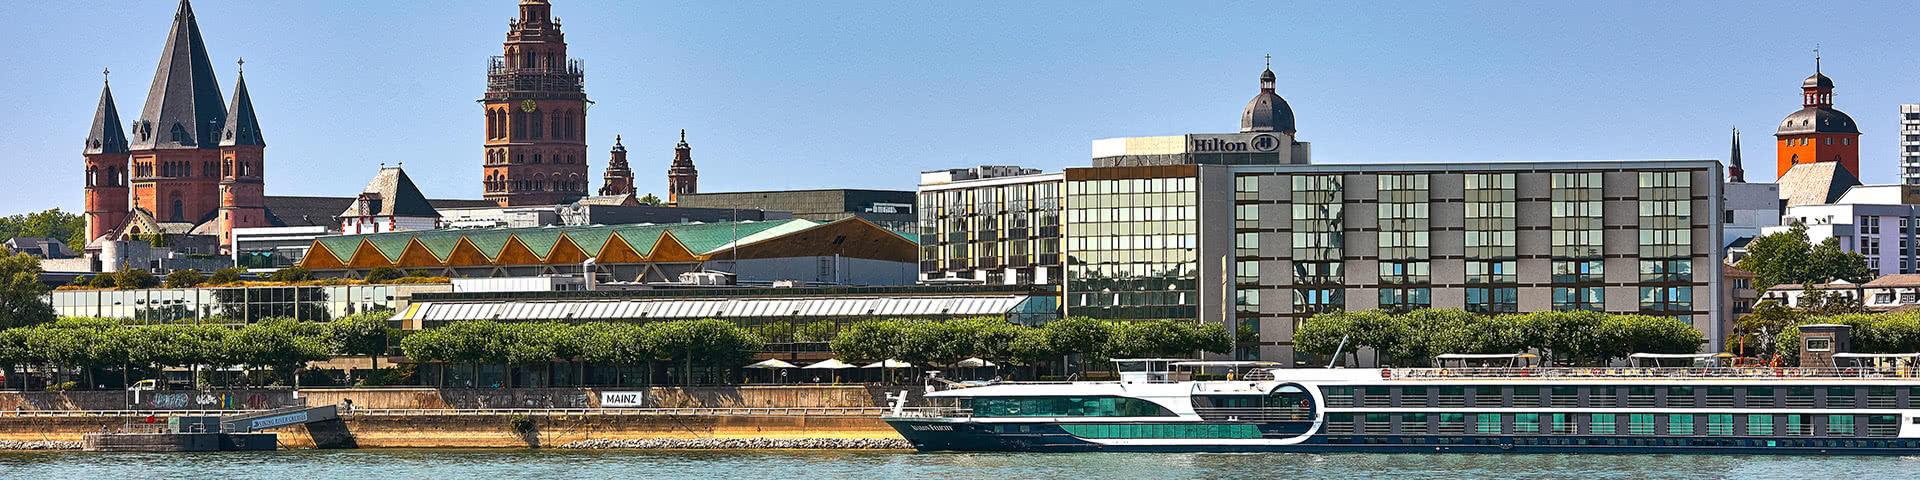 Hilton Hotel am Rhein in Mainz